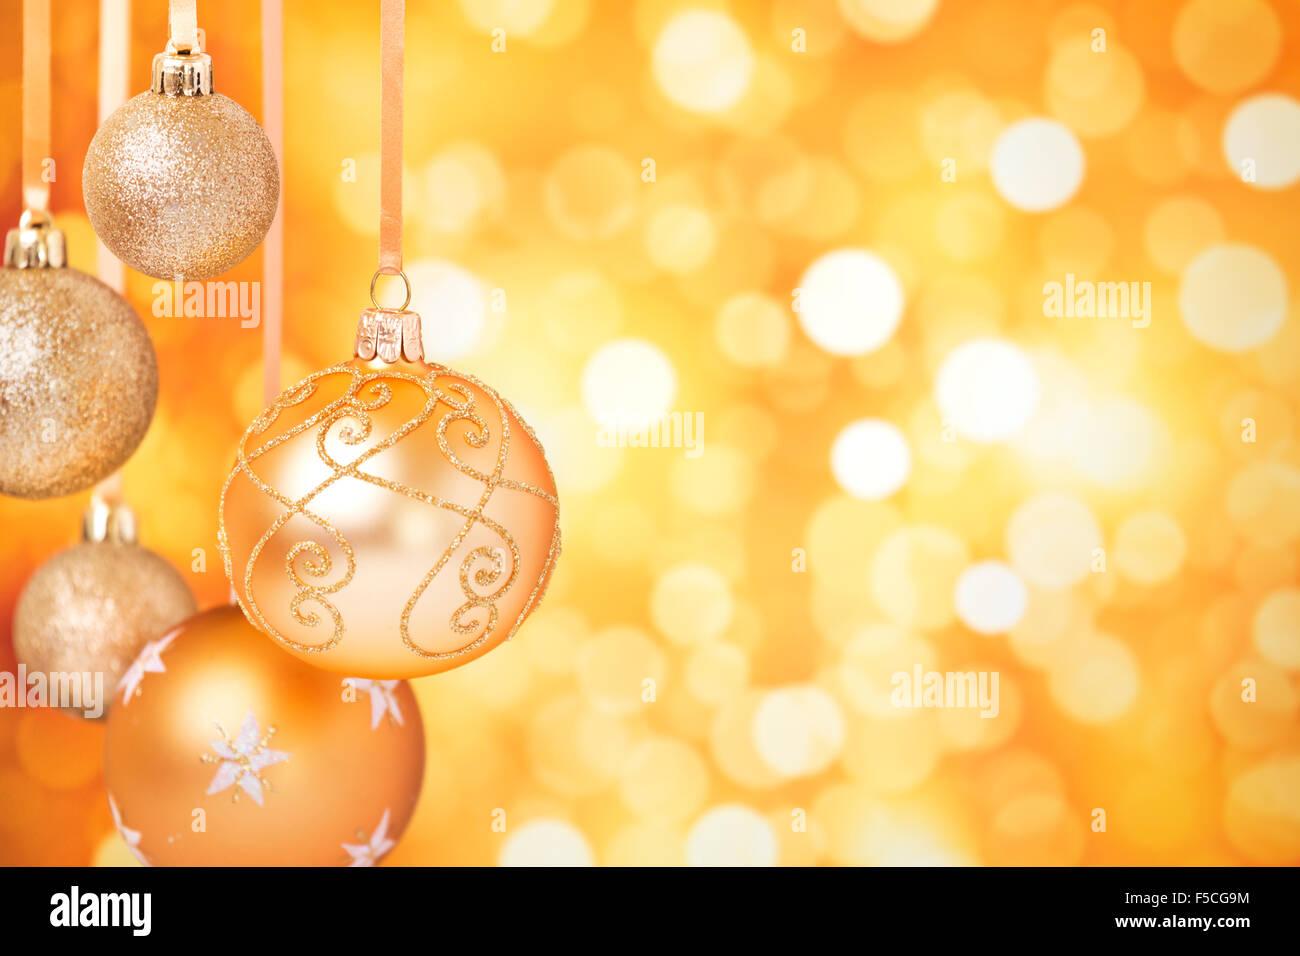 Golden Christmas baubles hanging in front of defocused golden lights. Stock Photo